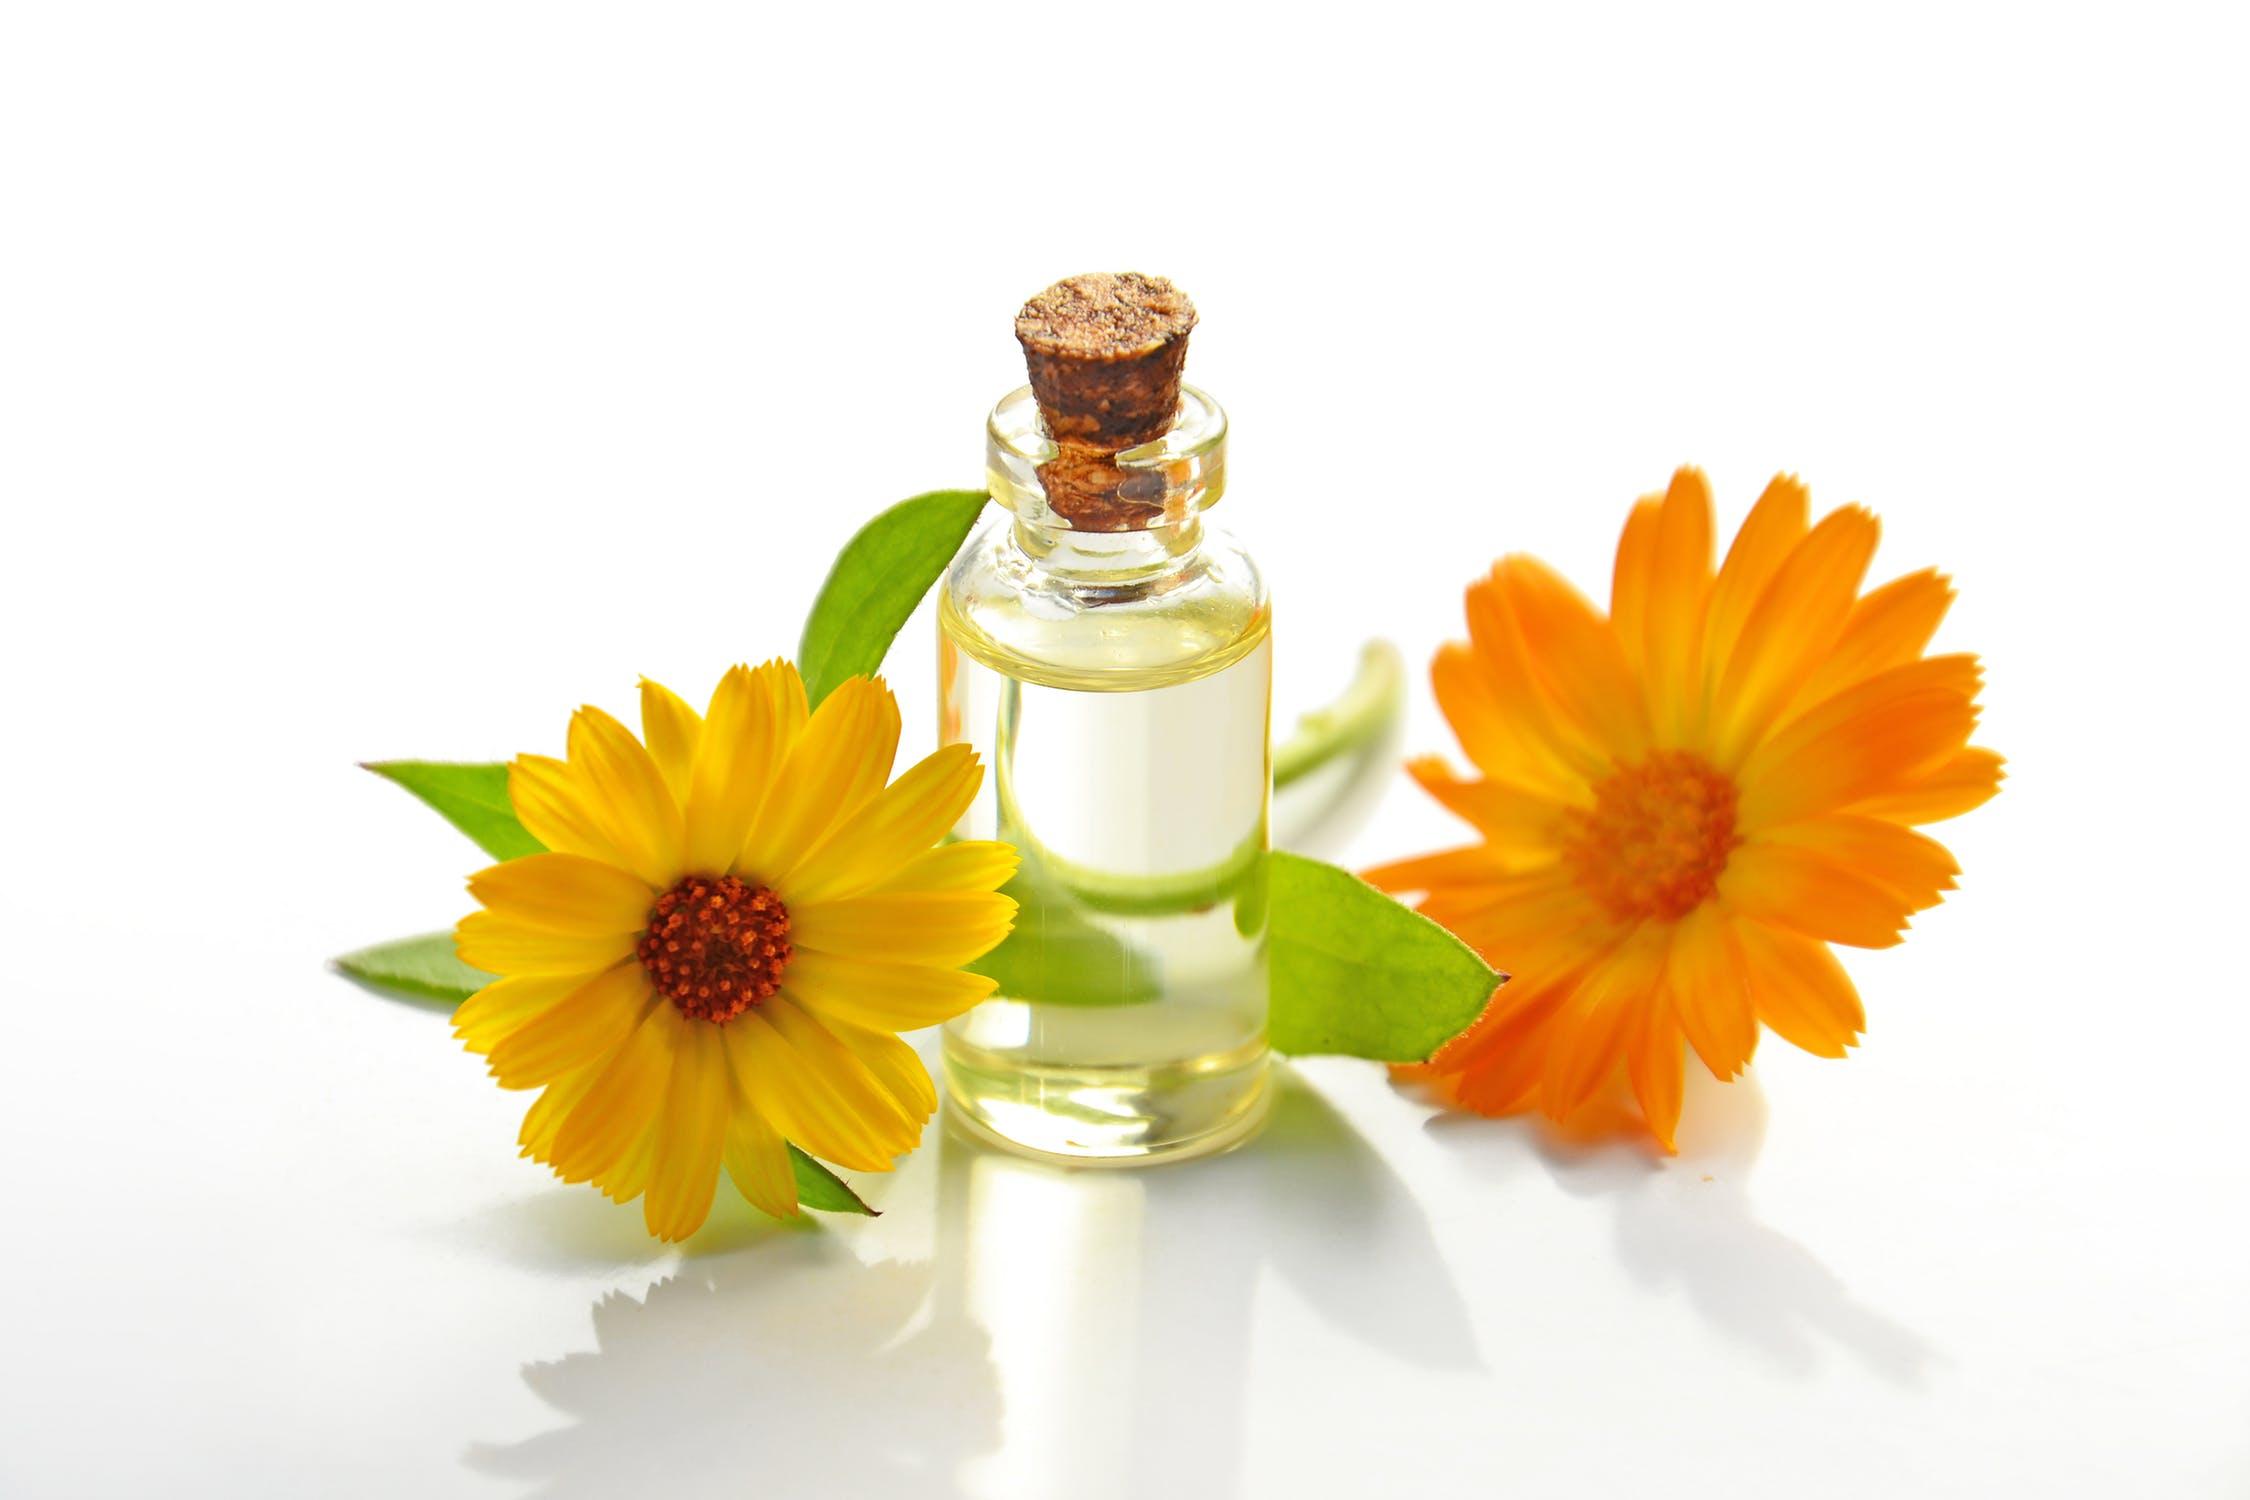 Bergamot Oil and flowers